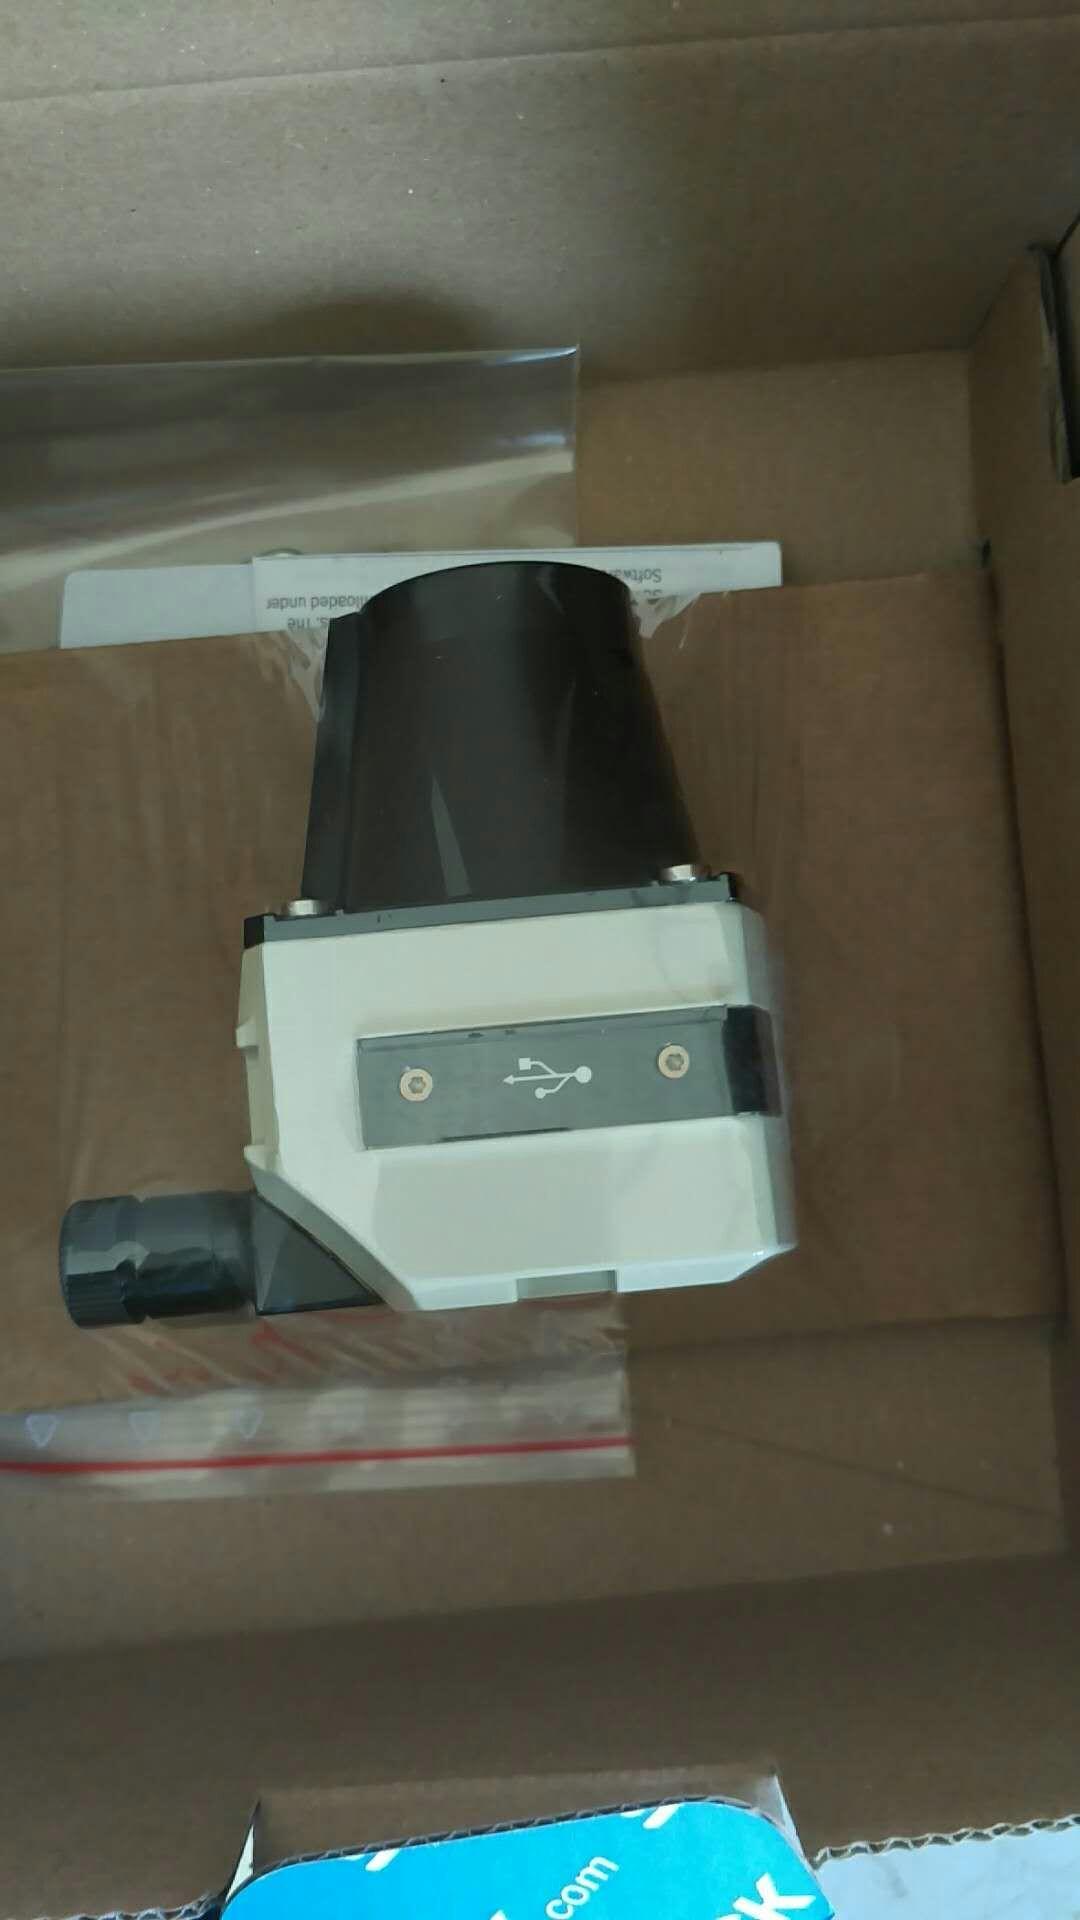 SICK西克传感器TIM561-2050101_深圳市深控科技有限公司